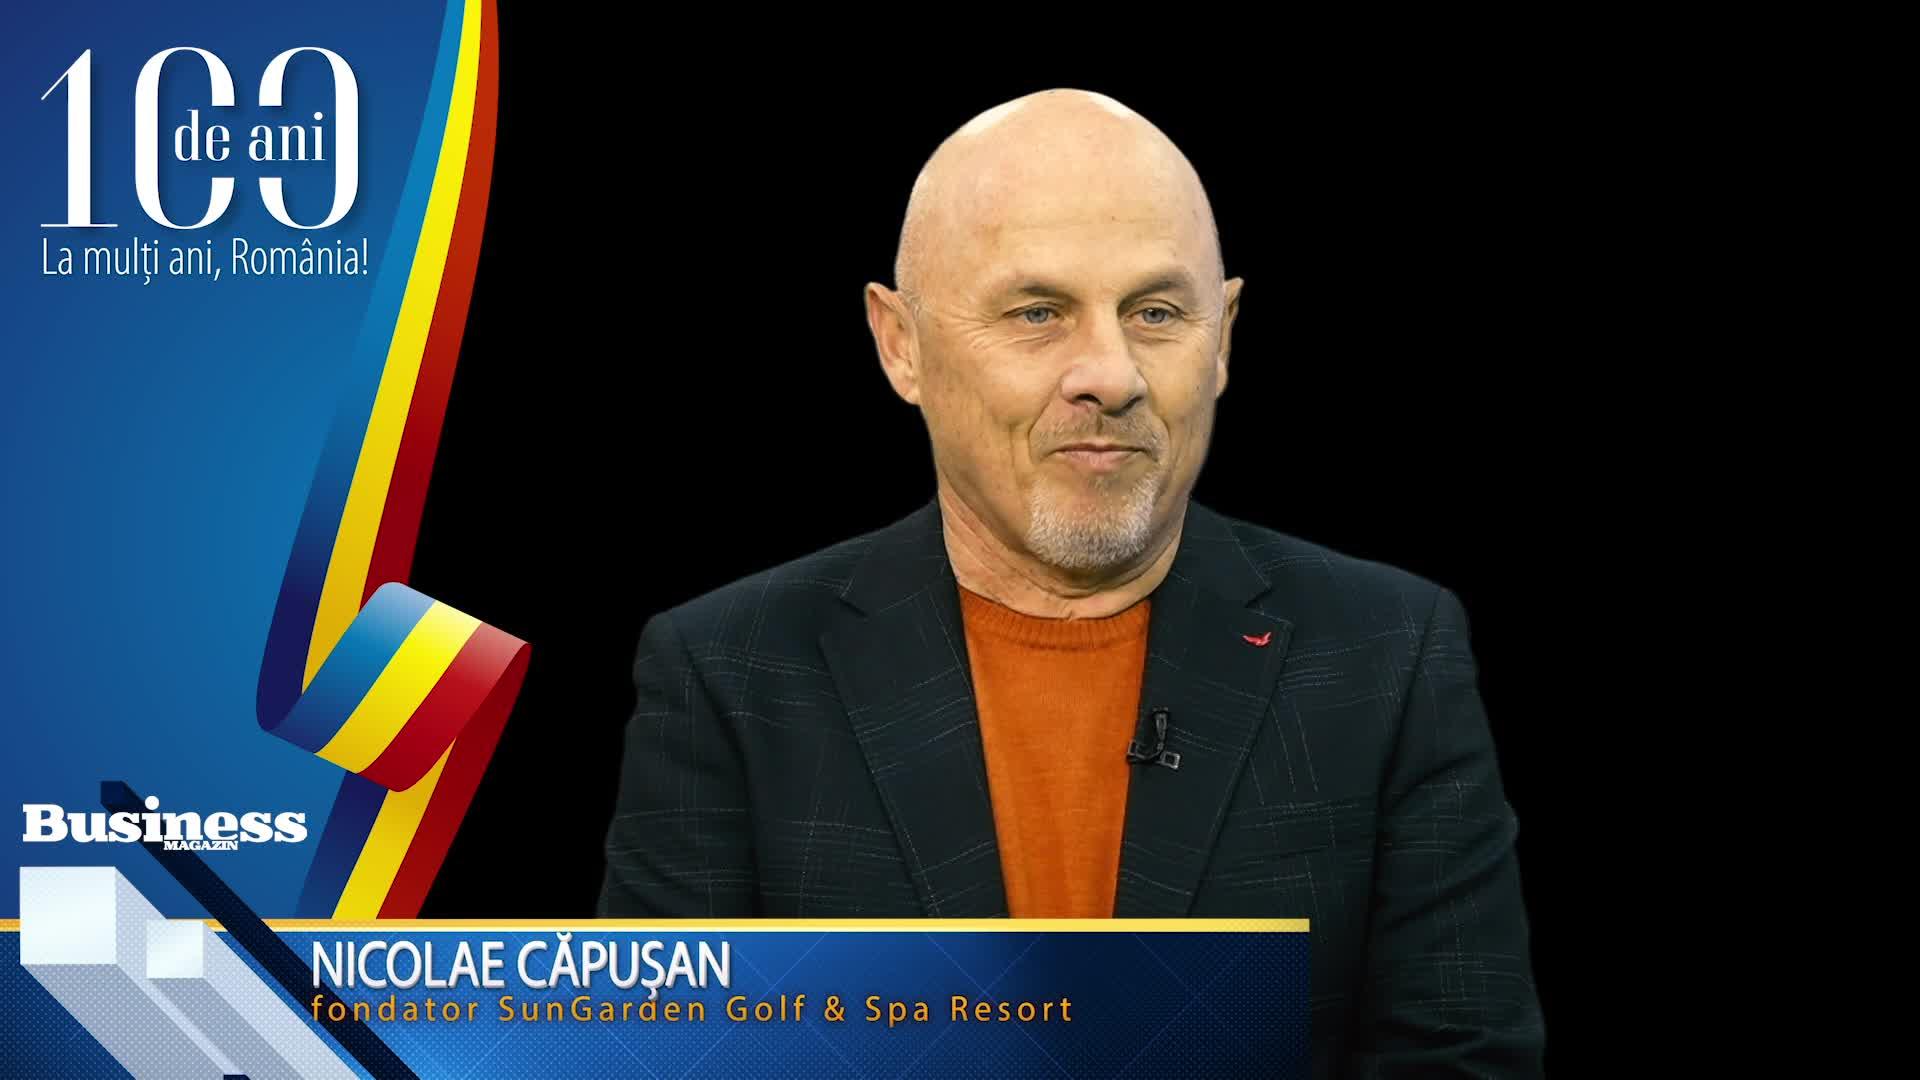 """Nicolae Căpuşan, fondator SunGarden Golf & Spa Resort: """"Afaceri în România: artă şi aventură!"""" - VIDEO"""